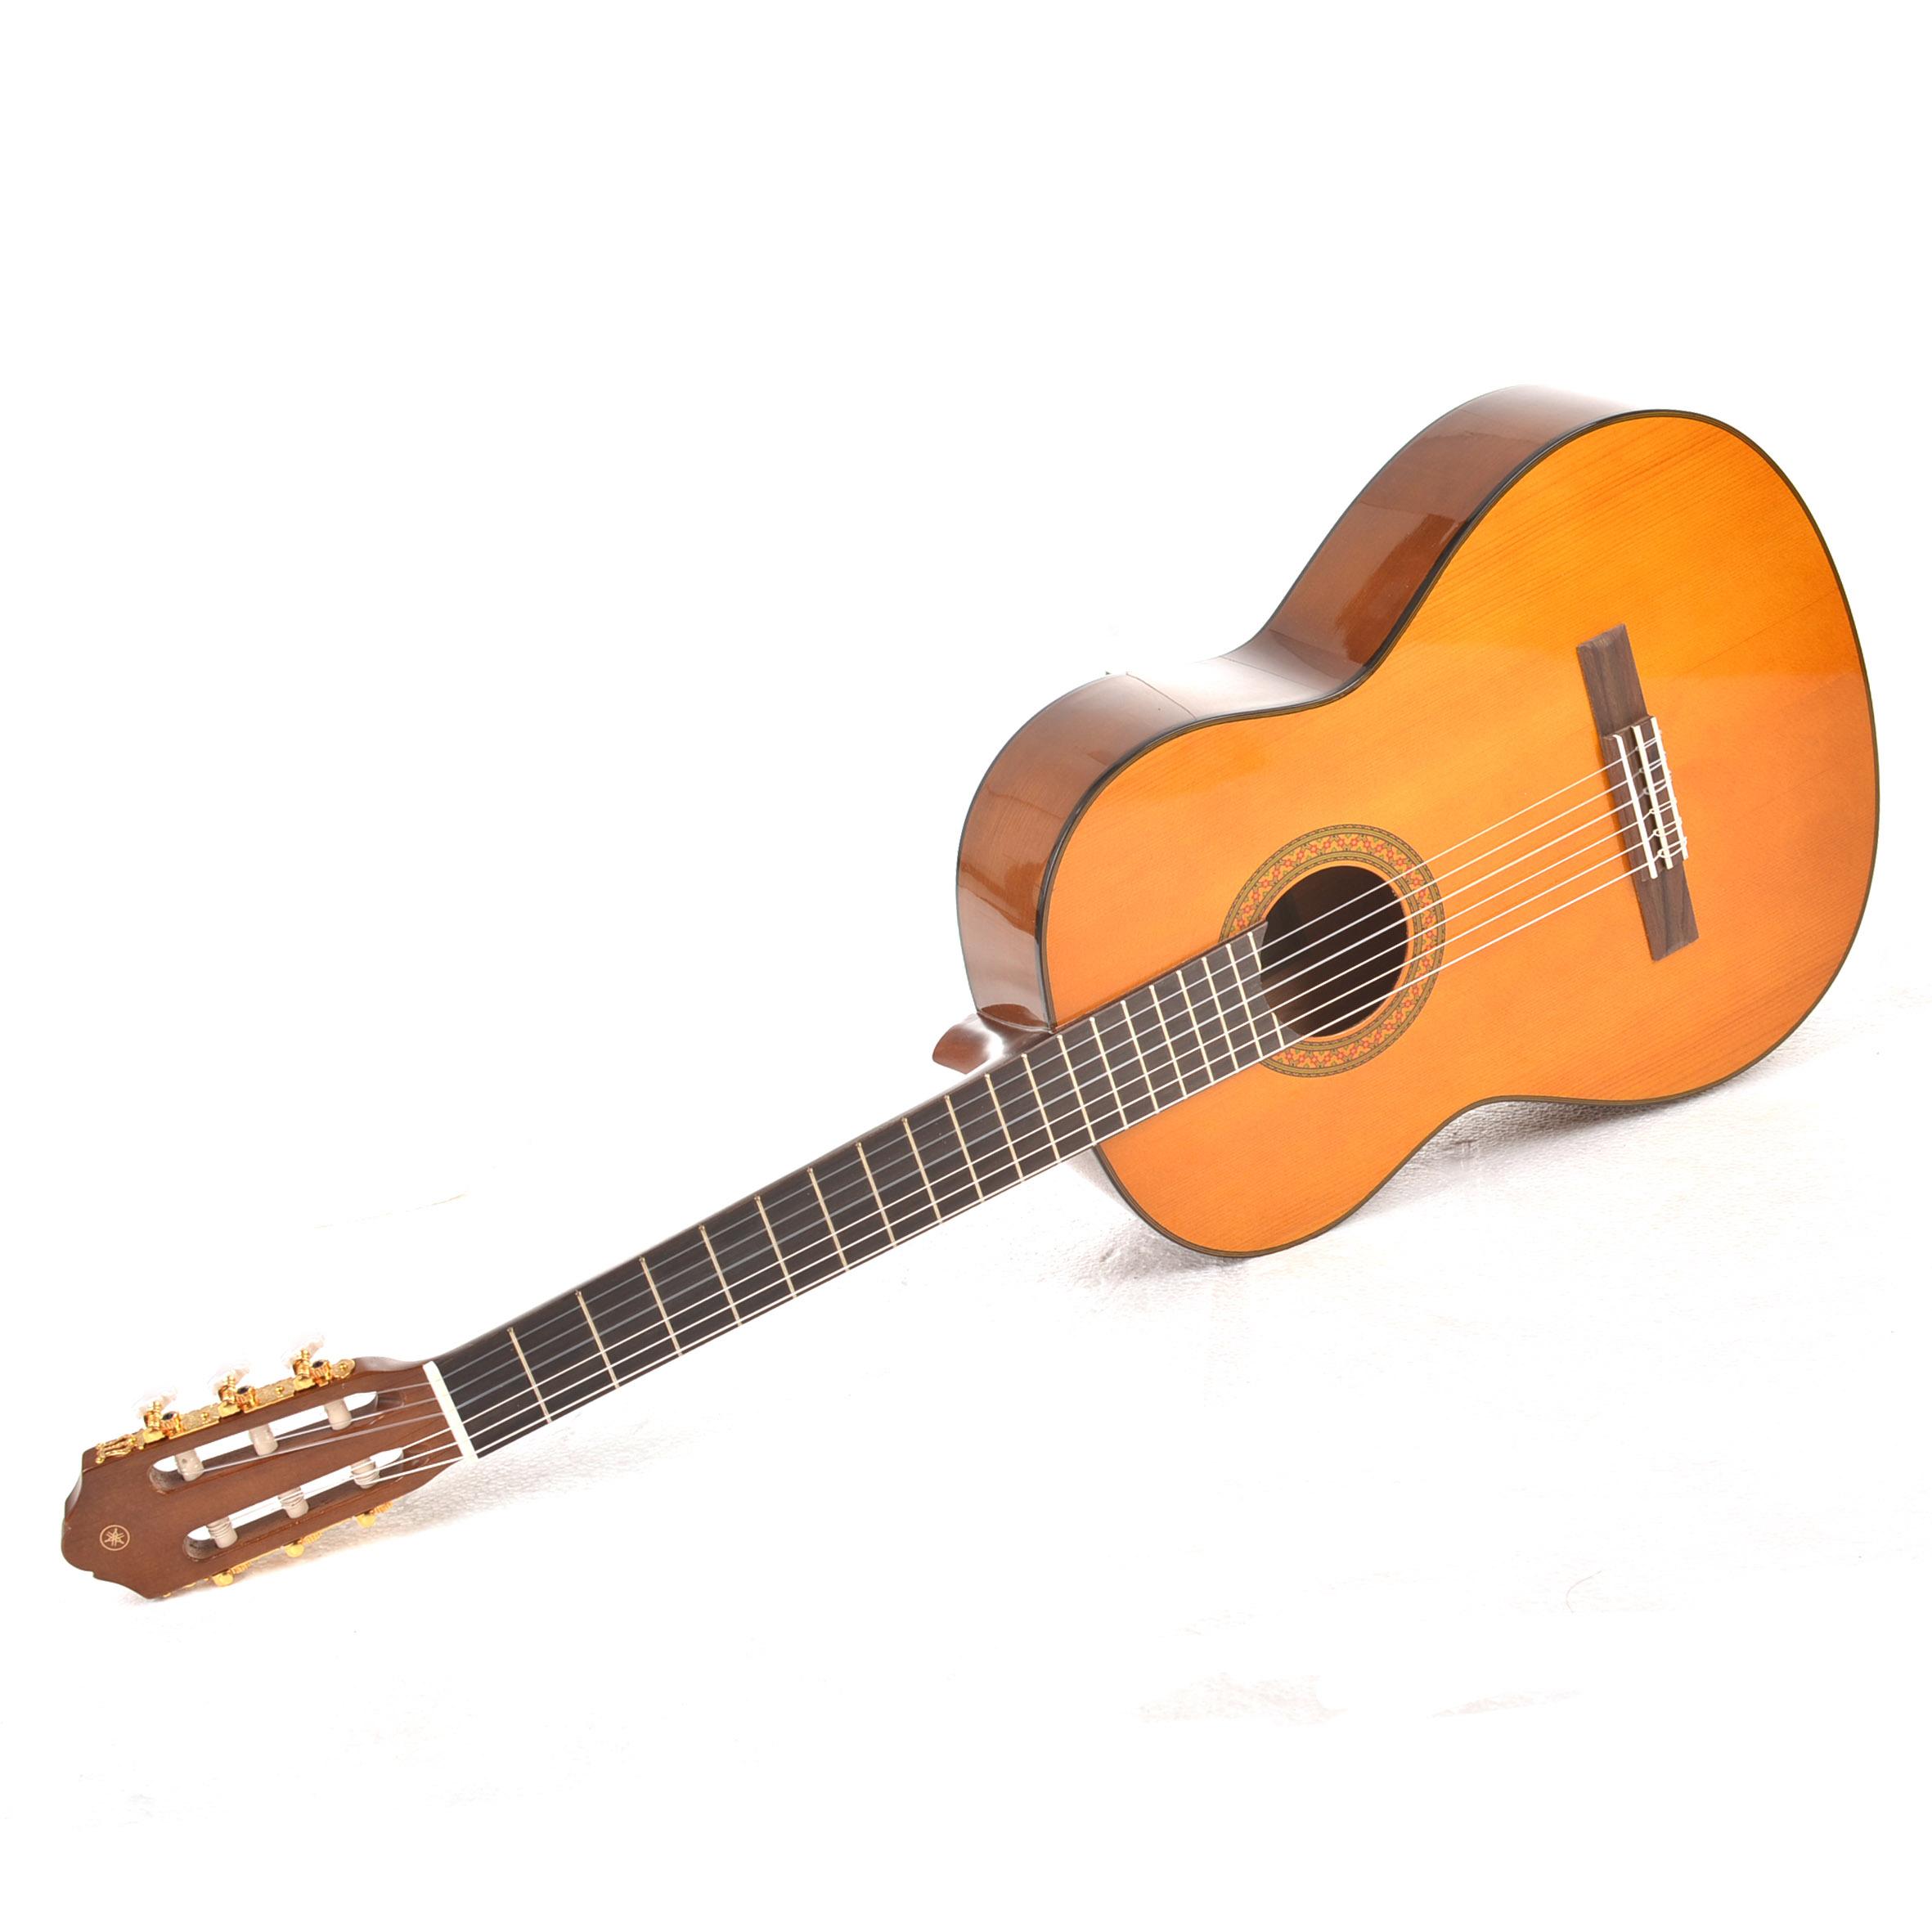 Описание yamaha cg102 классическая гитара